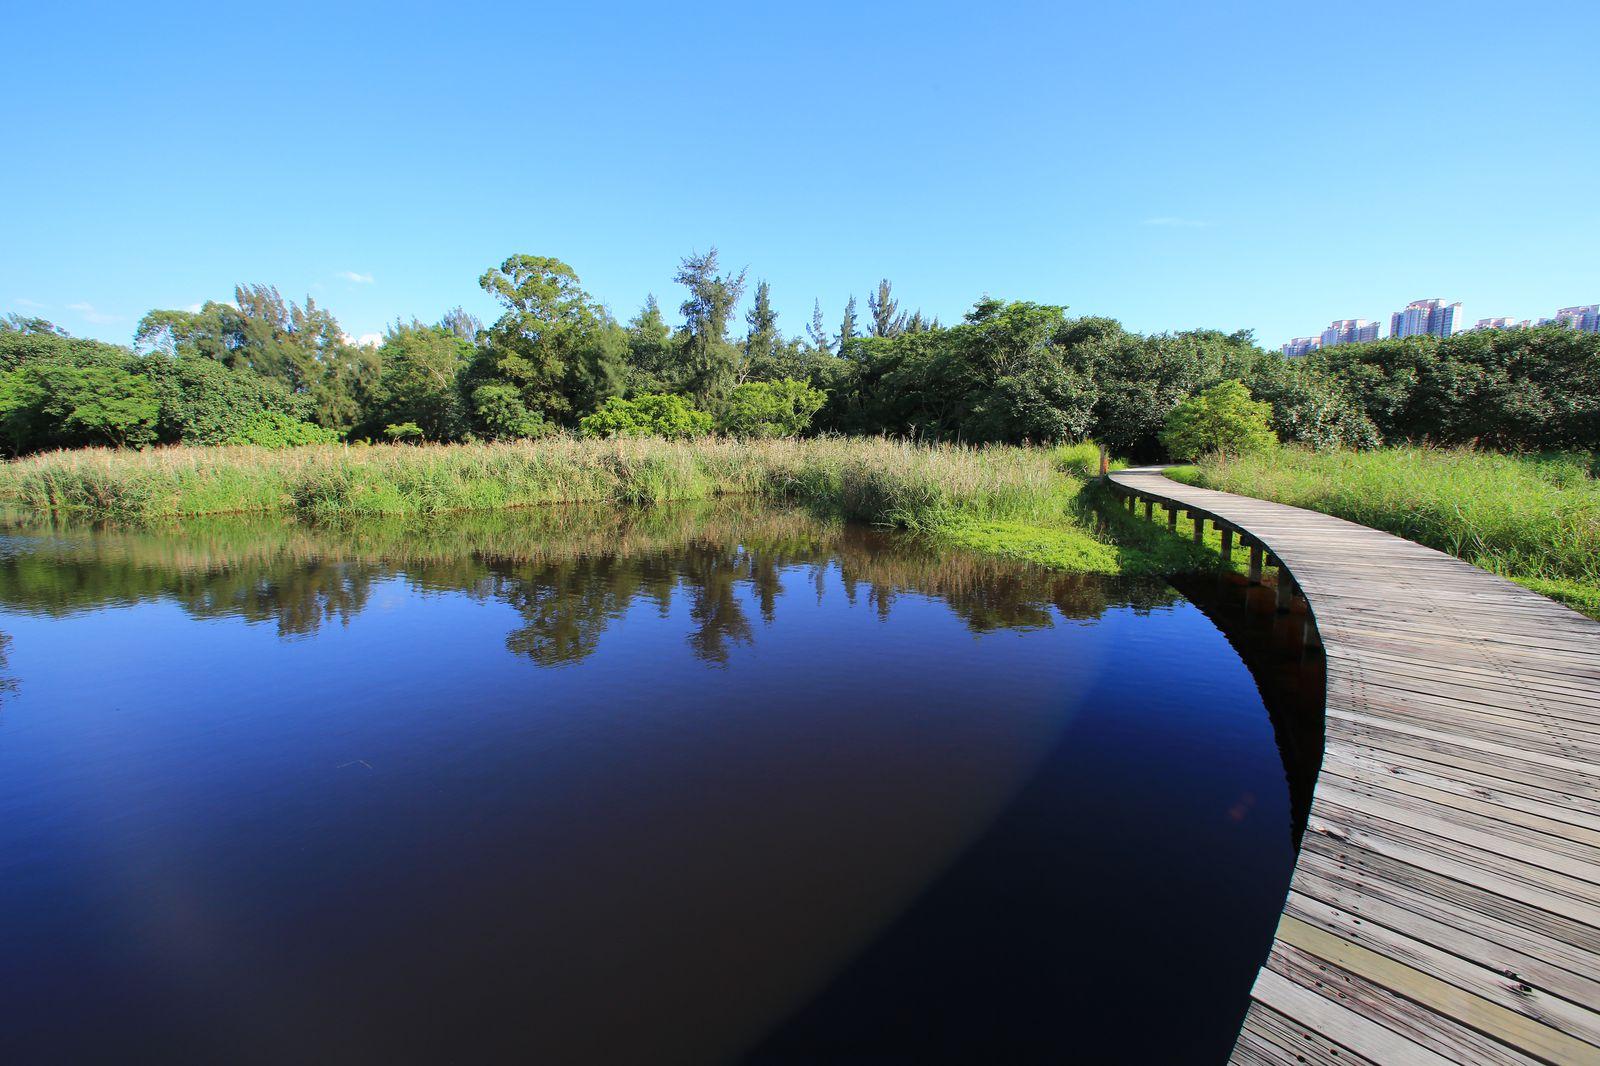 1日楽しめちゃう!人気の観光地で緑に癒される「香港湿地公園」とは